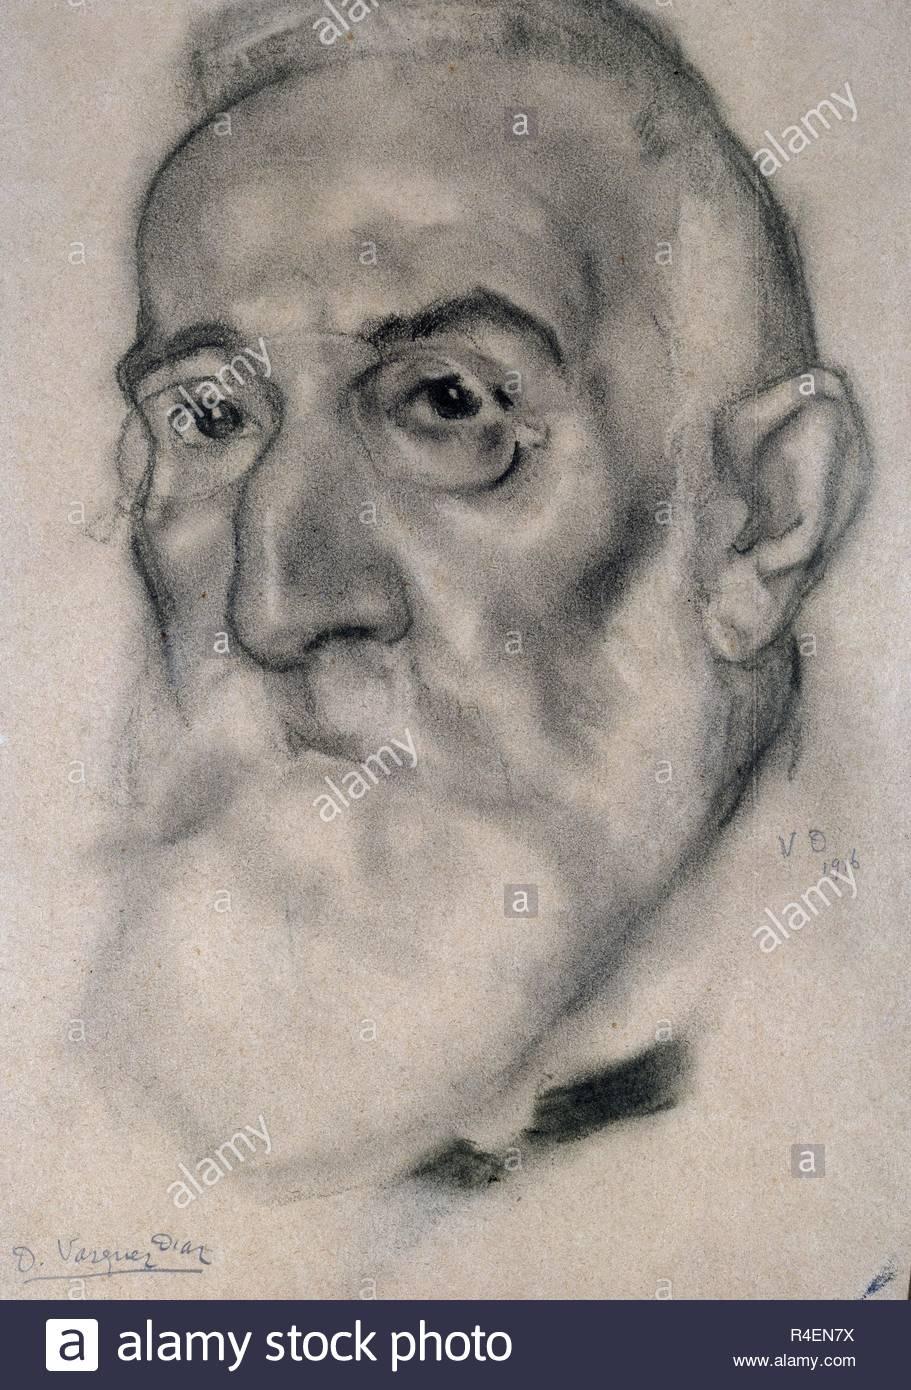 CABEZA - RETRATO MASCULINO - SIGLO XX - DIBUJO. Author: VAZQUEZ DIAZ, DANIEL. Location: PRIVATE COLLECTION. MADRID. SPAIN. - Stock Image